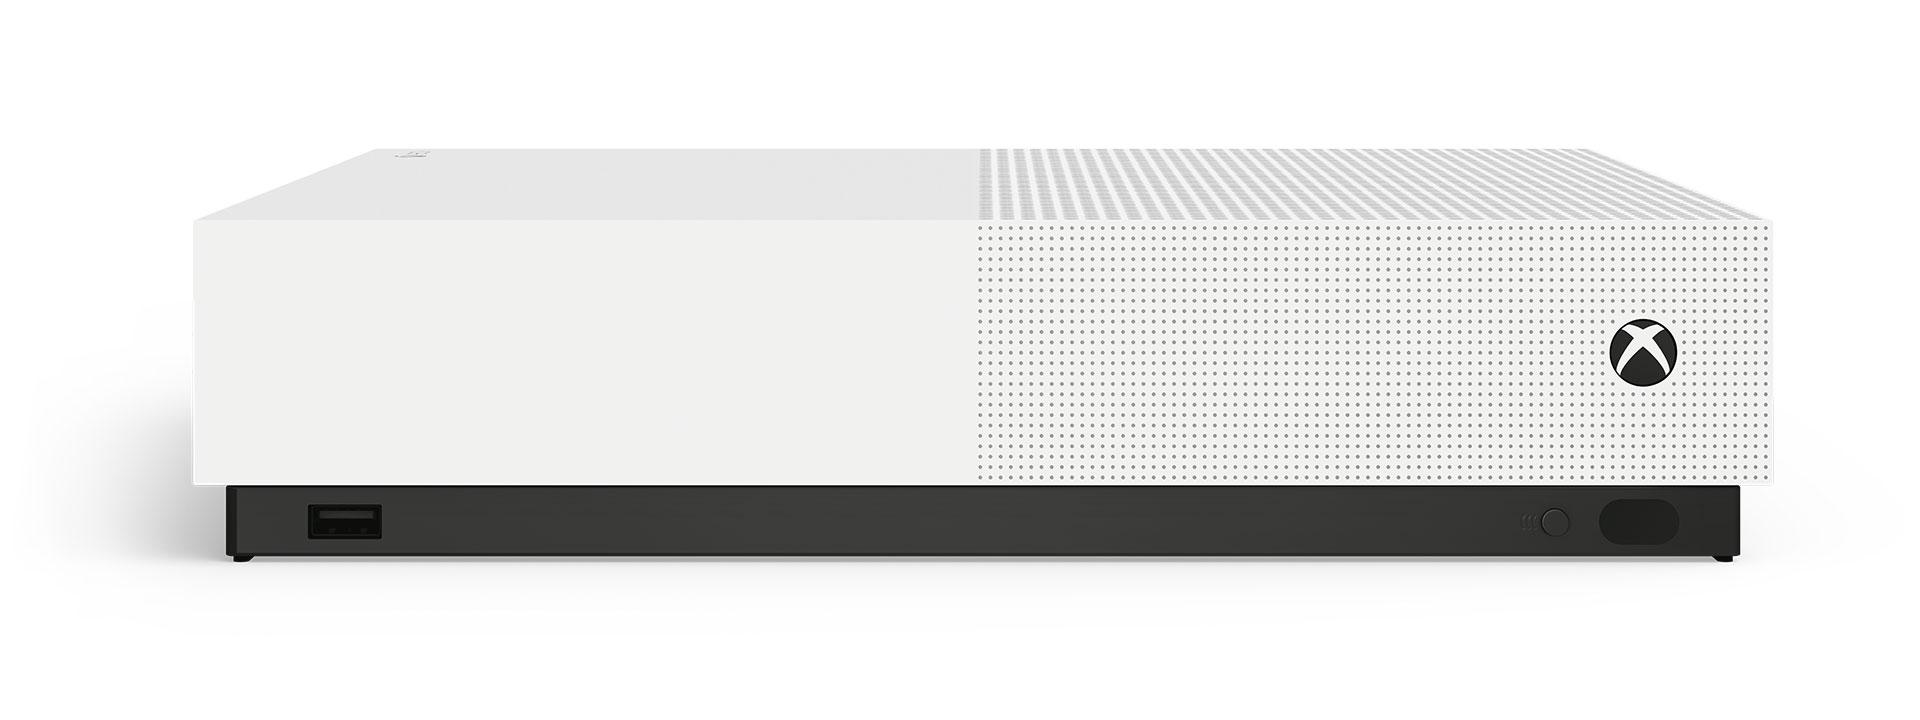 Consola Xbox One S con un Control inalámbrico Xbox